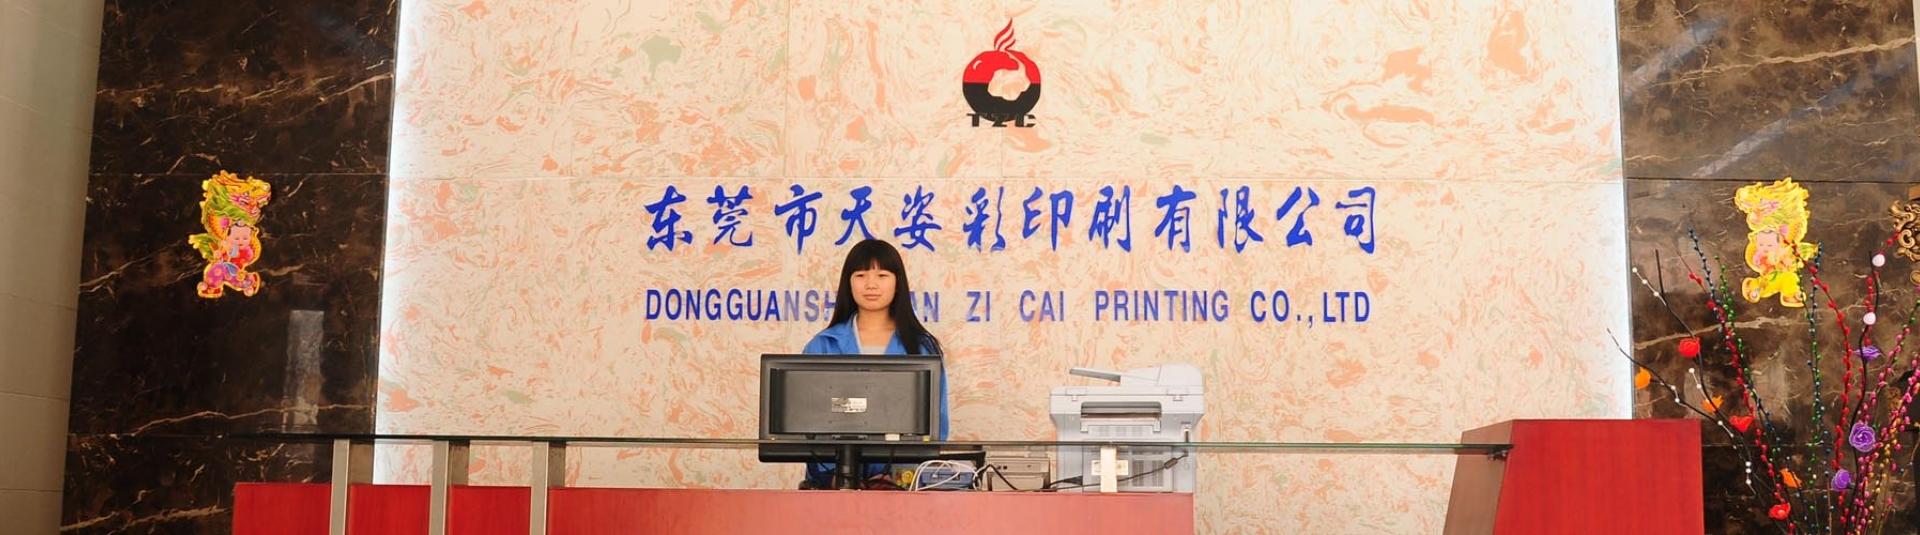 东莞市天姿彩印刷有限公司